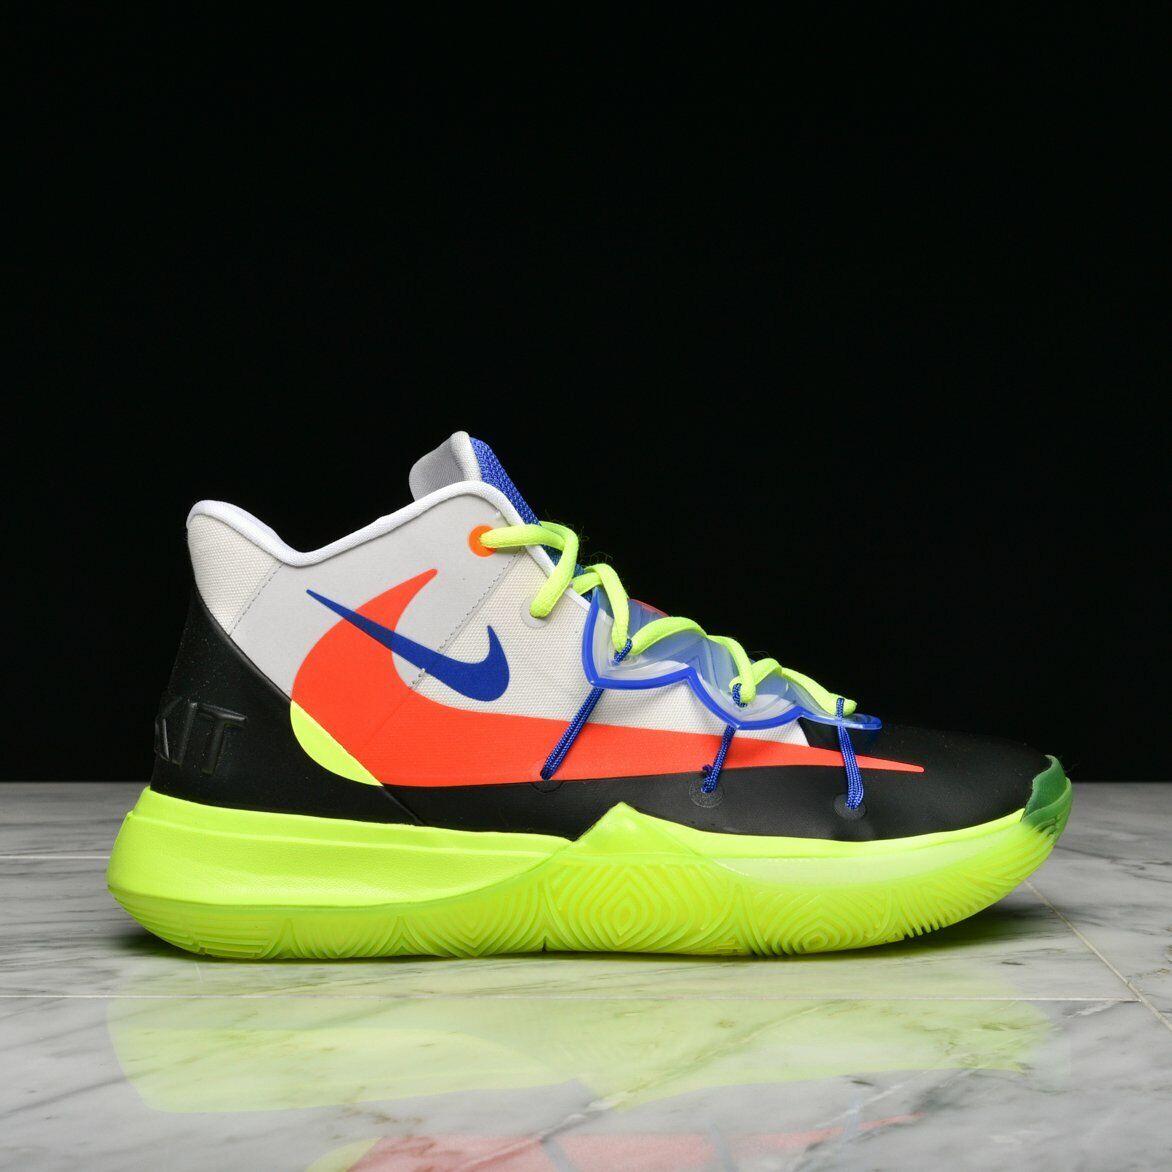 e8bfc61b9a5c CJ7899-900 Nike Kyrie Kyrie Kyrie 5 Rokit All Star TV PE Size 9. CJ7899-900